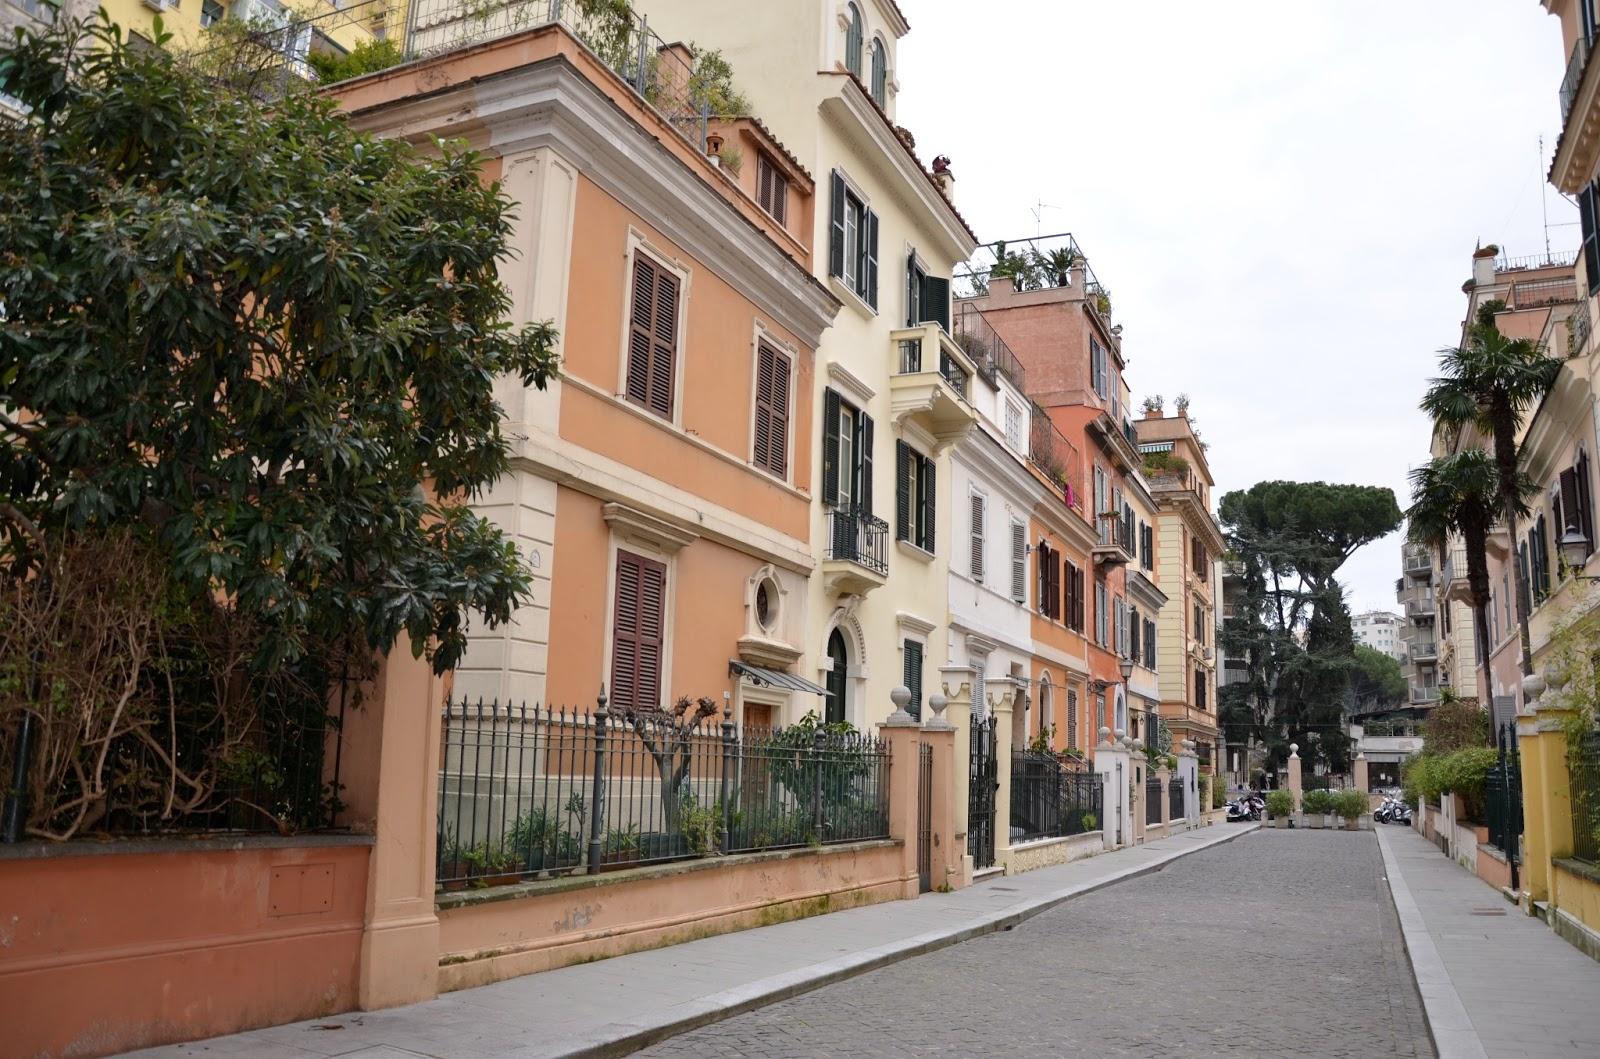 19122013: Segreti di Roma 3: Una piccola Londra a Roma